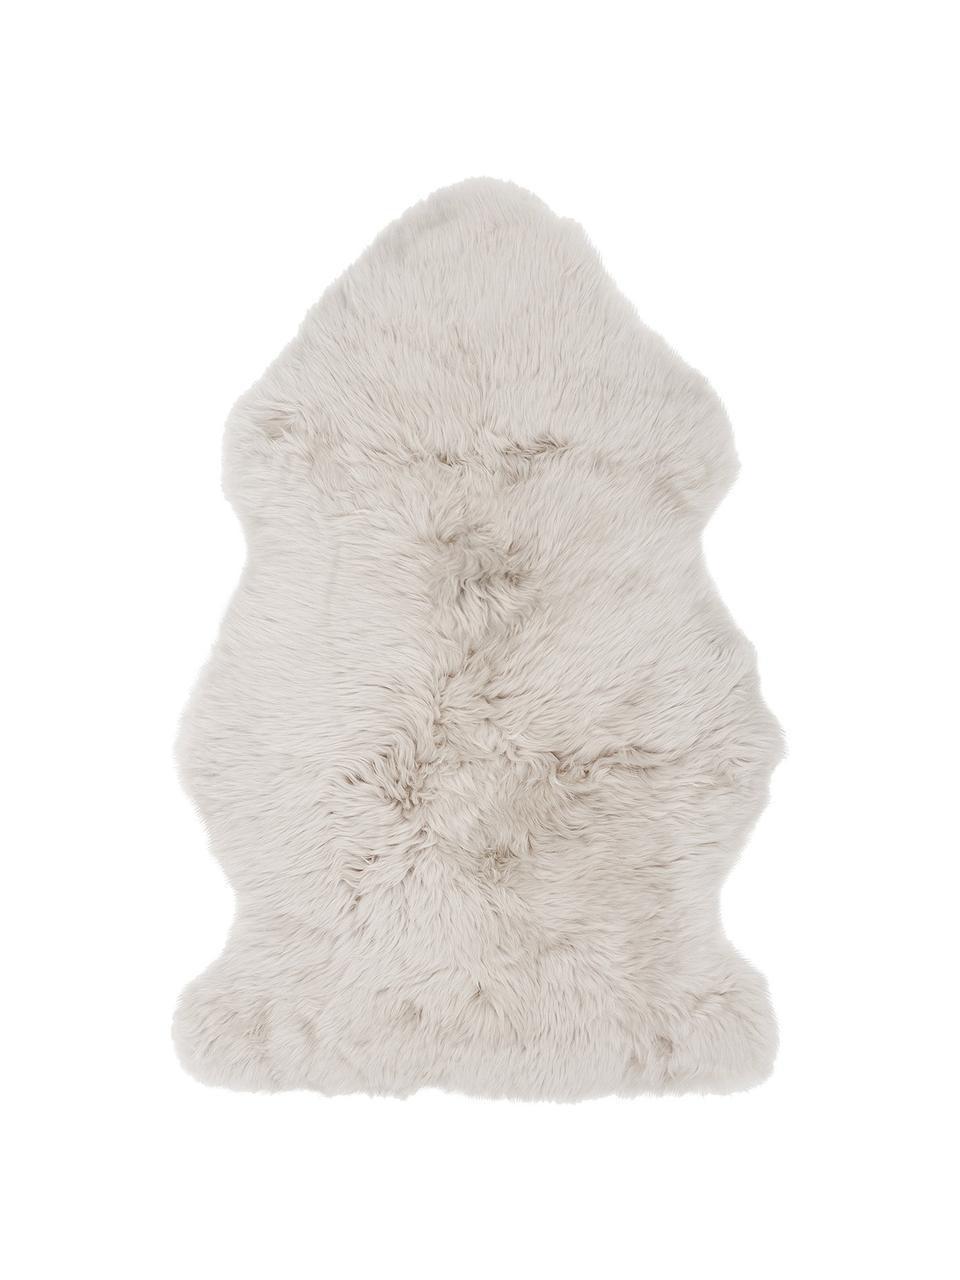 Peau de mouton lisse Oslo, Beige